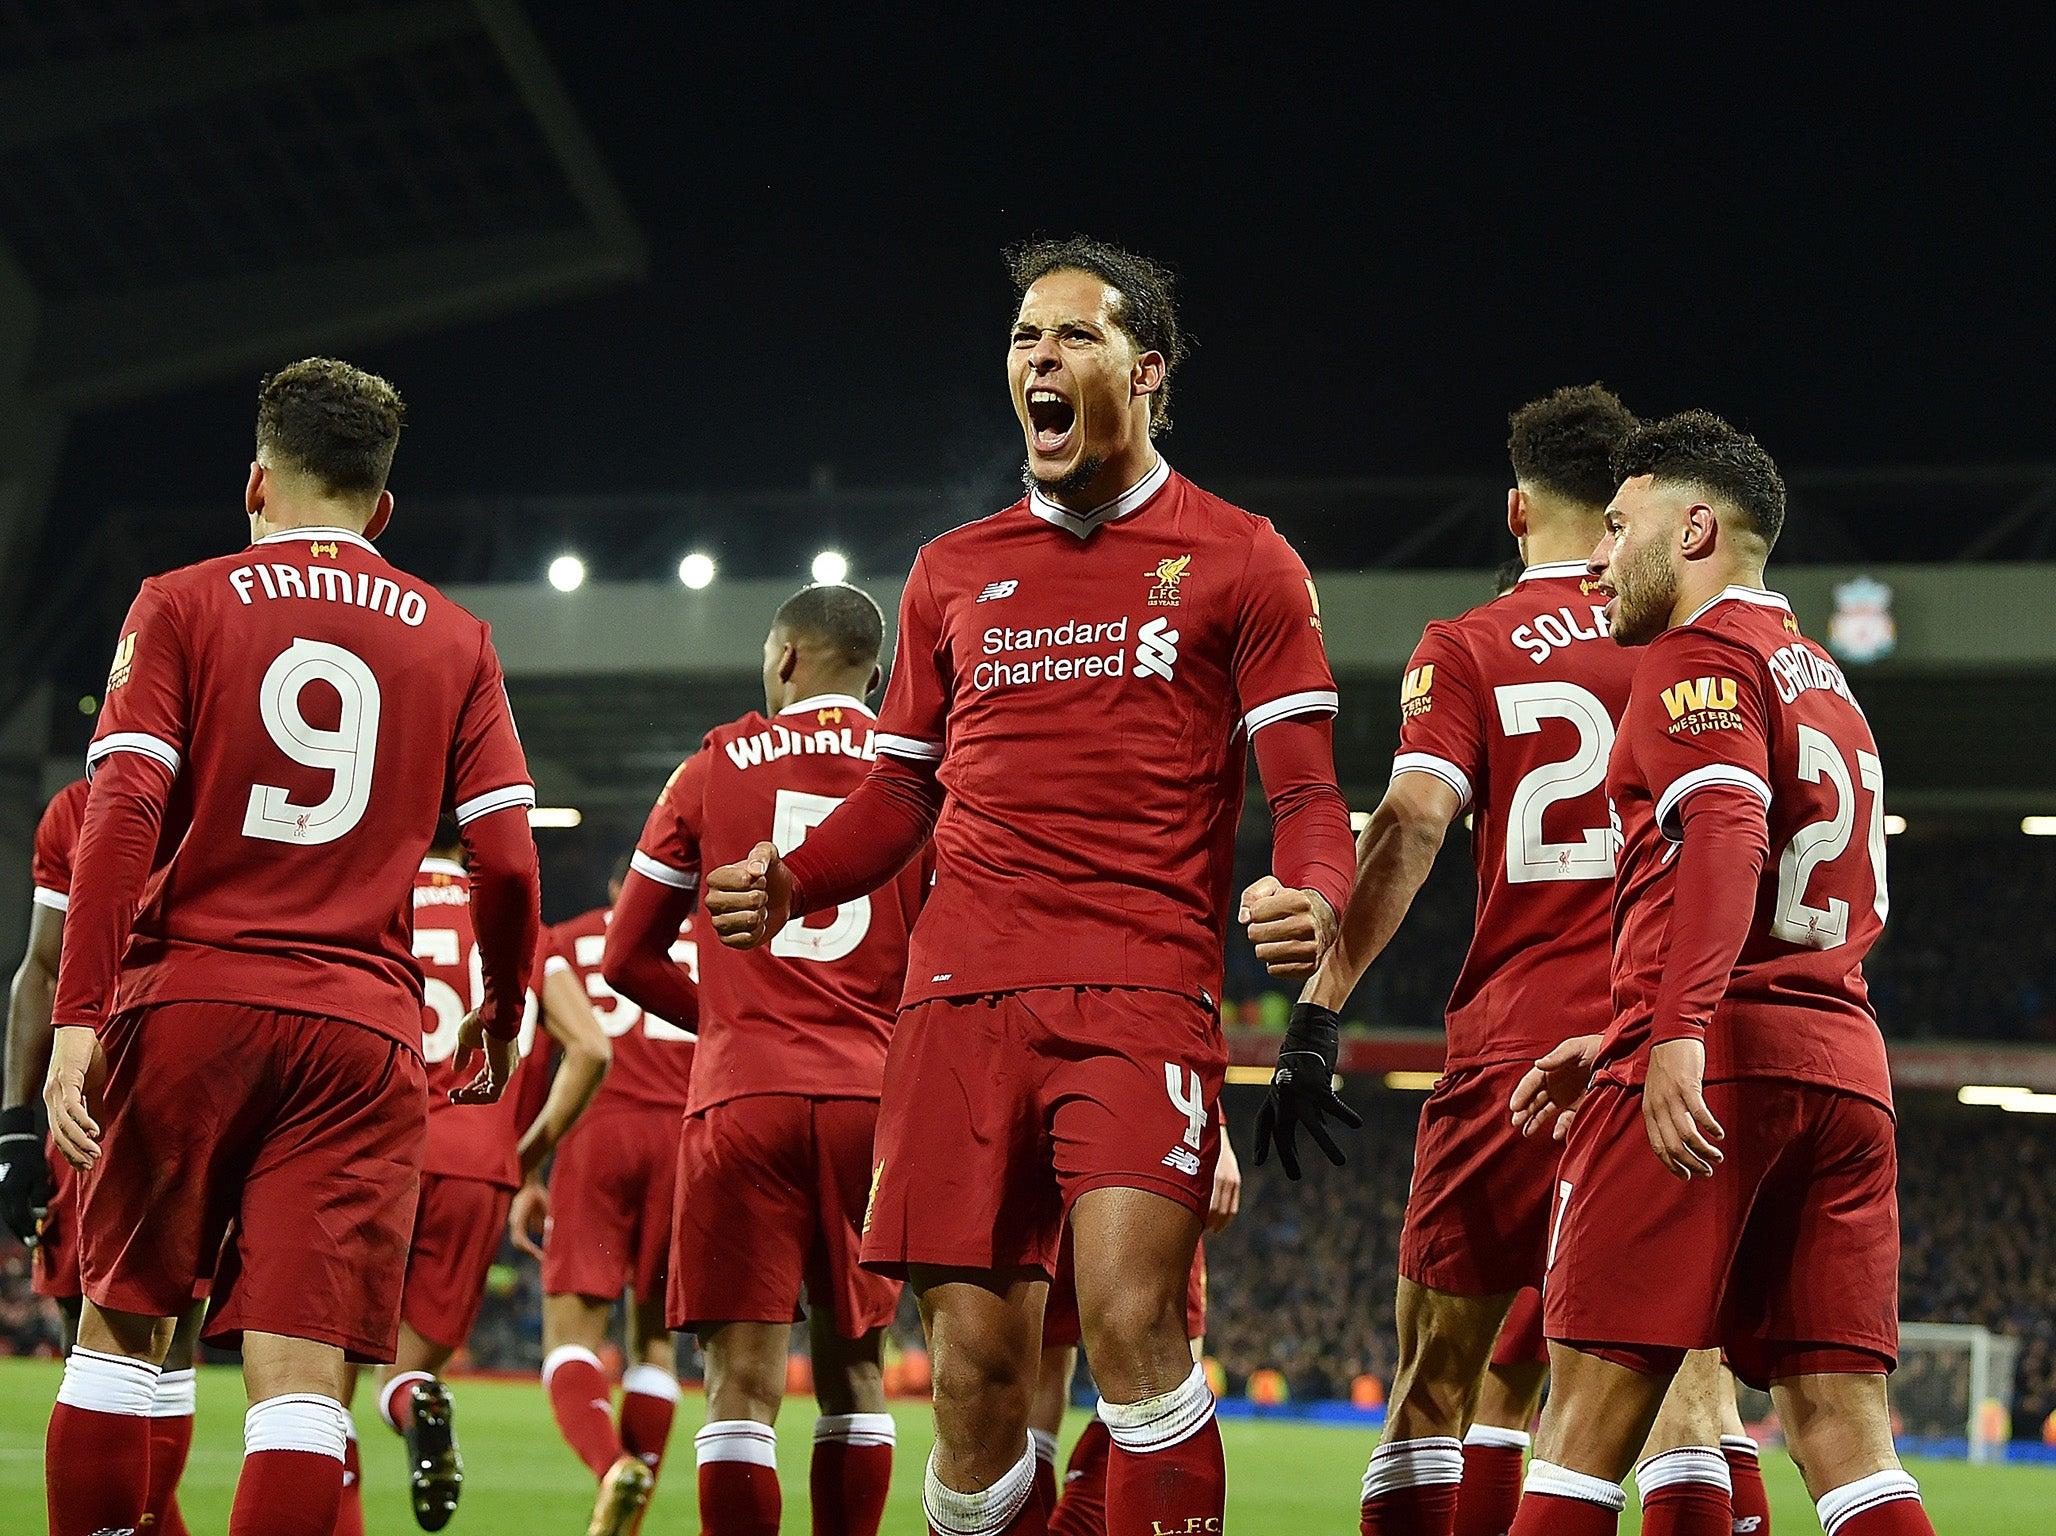 Liverpool's Record Signing Virgil Van Dijk Climbs Highest